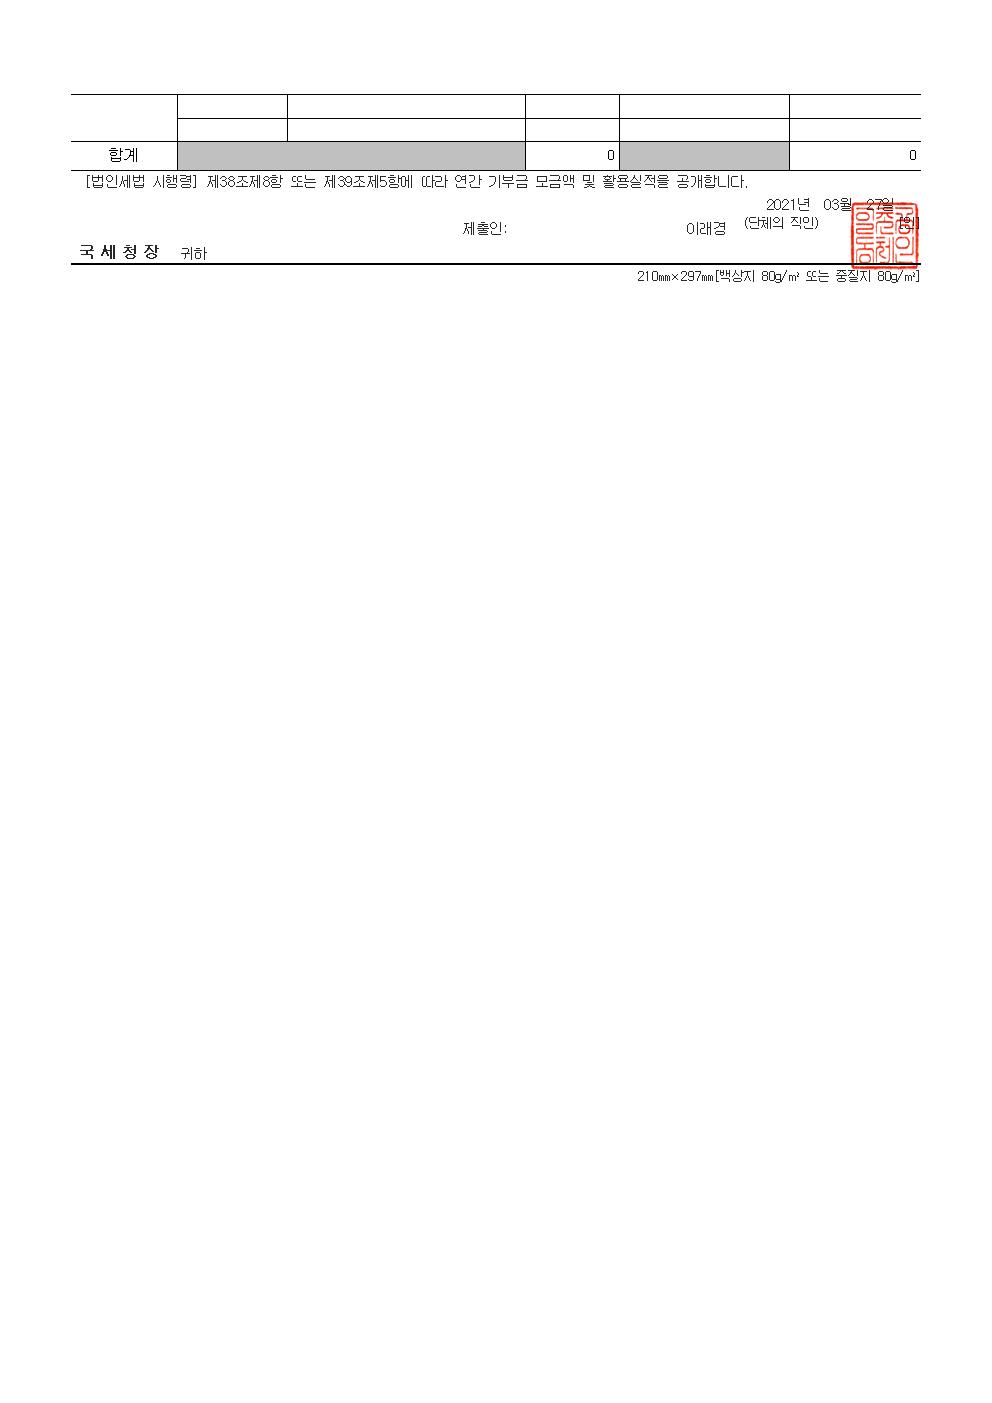 기부금모금액 및 활용실적명세 2020002.png